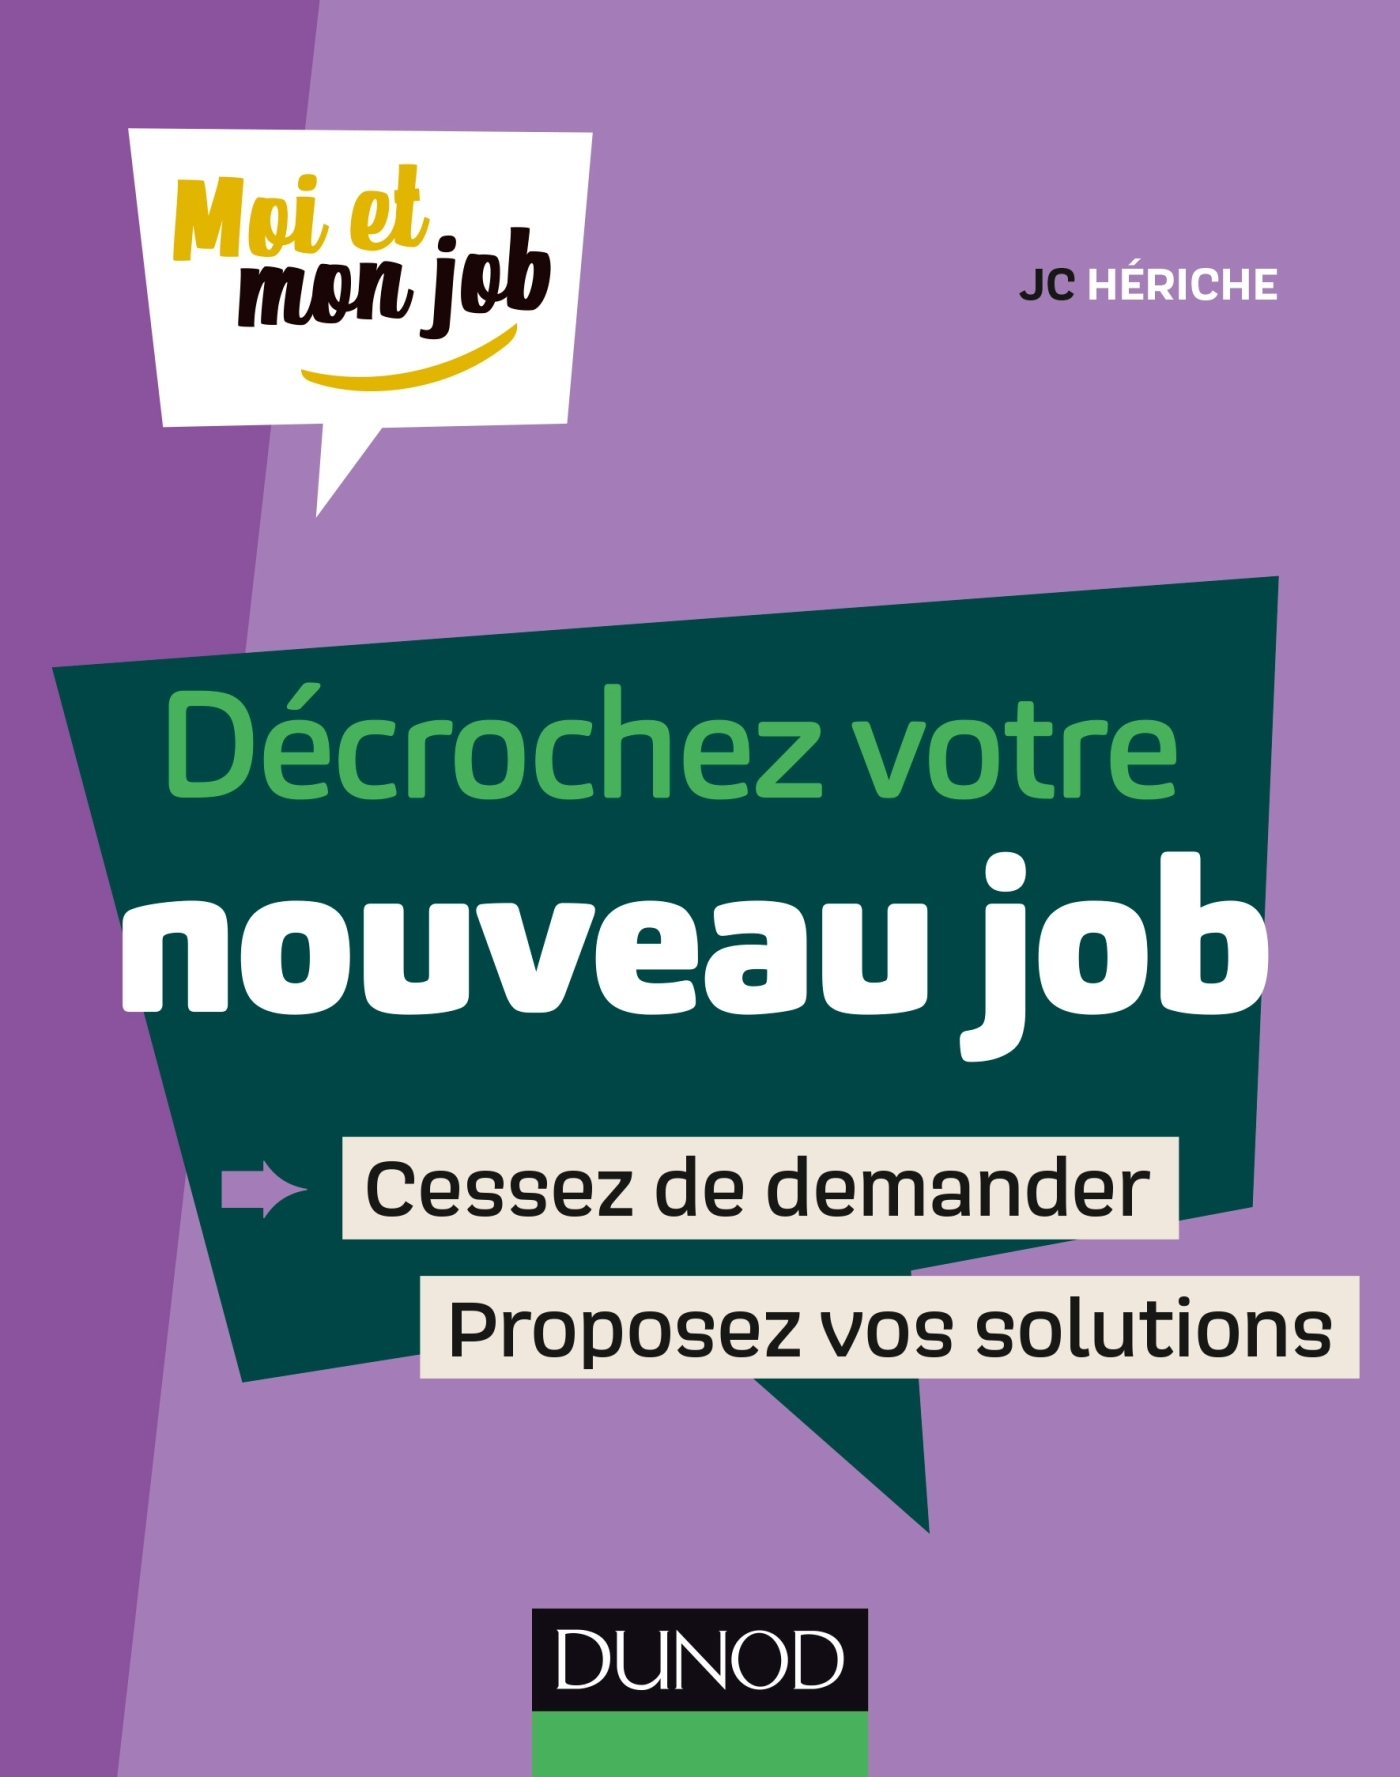 DECROCHEZ VOTRE NOUVEAU JOB - CESSEZ DE DEMANDER, PROPOSEZ DES SOLUTIONS !